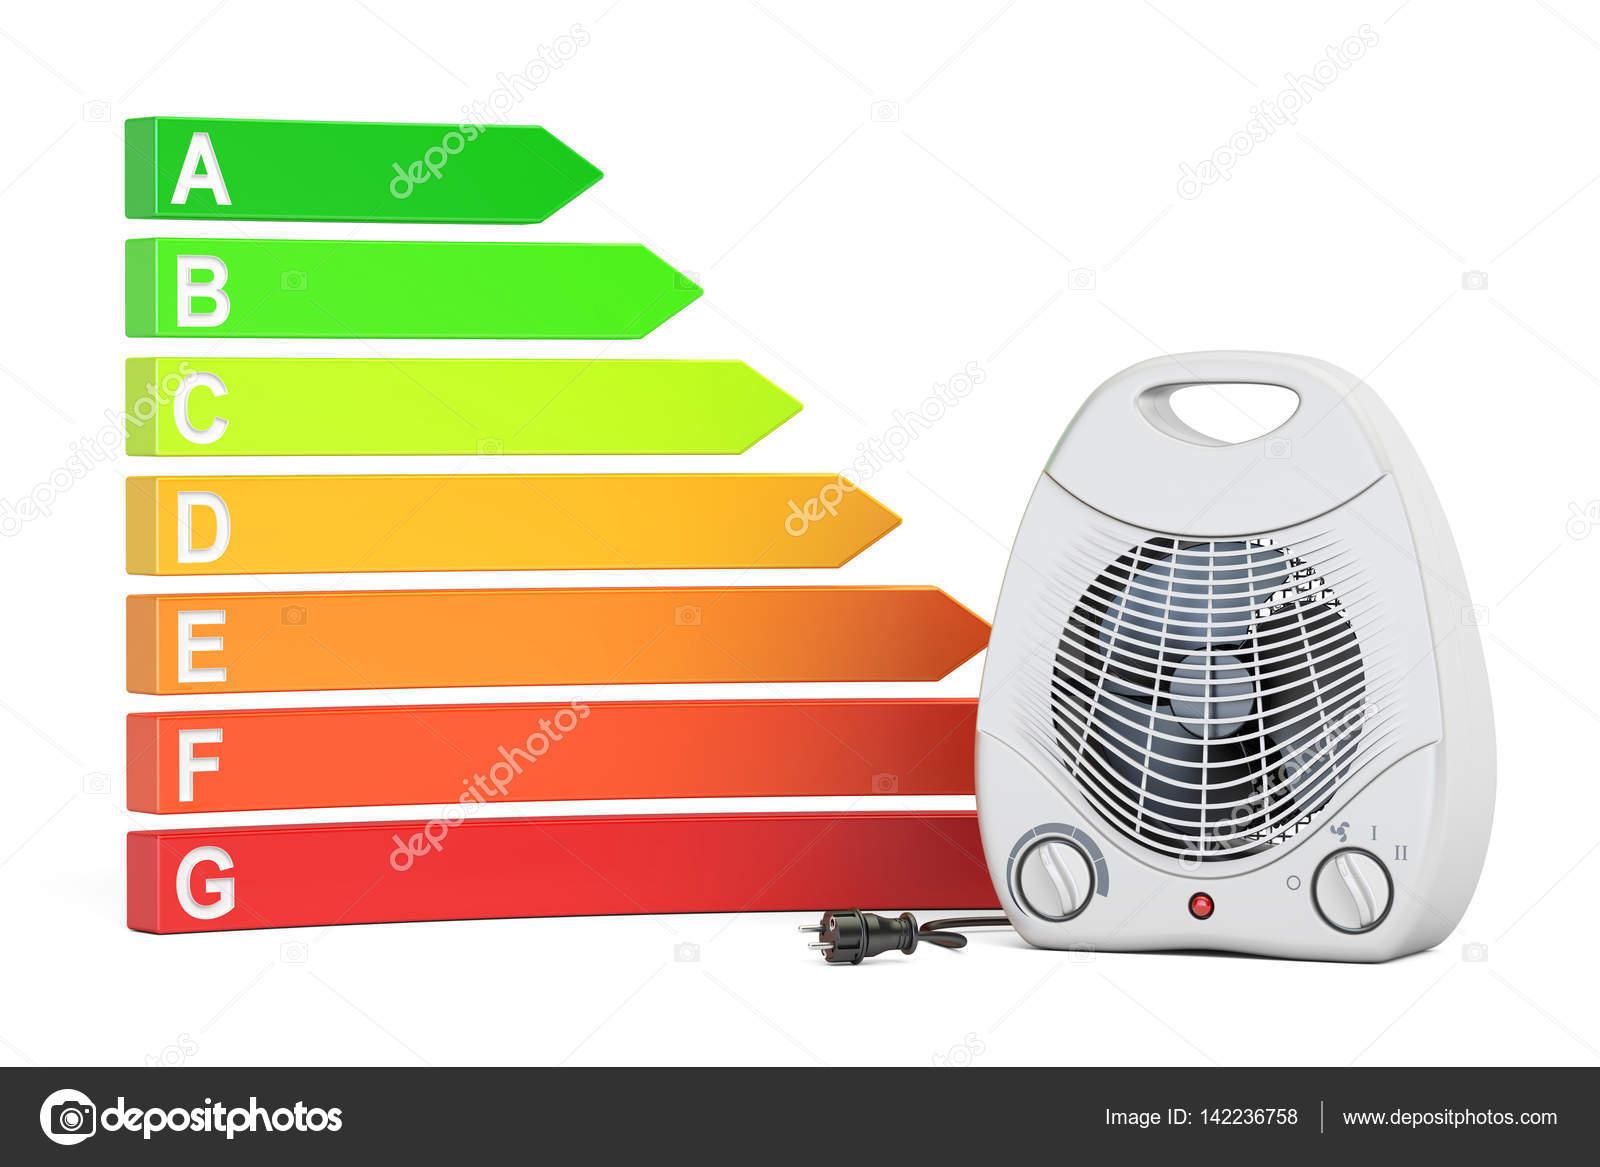 Radiateur Soufflant Consommation tout sauver le concept de consommation d'énergie. graphique de l